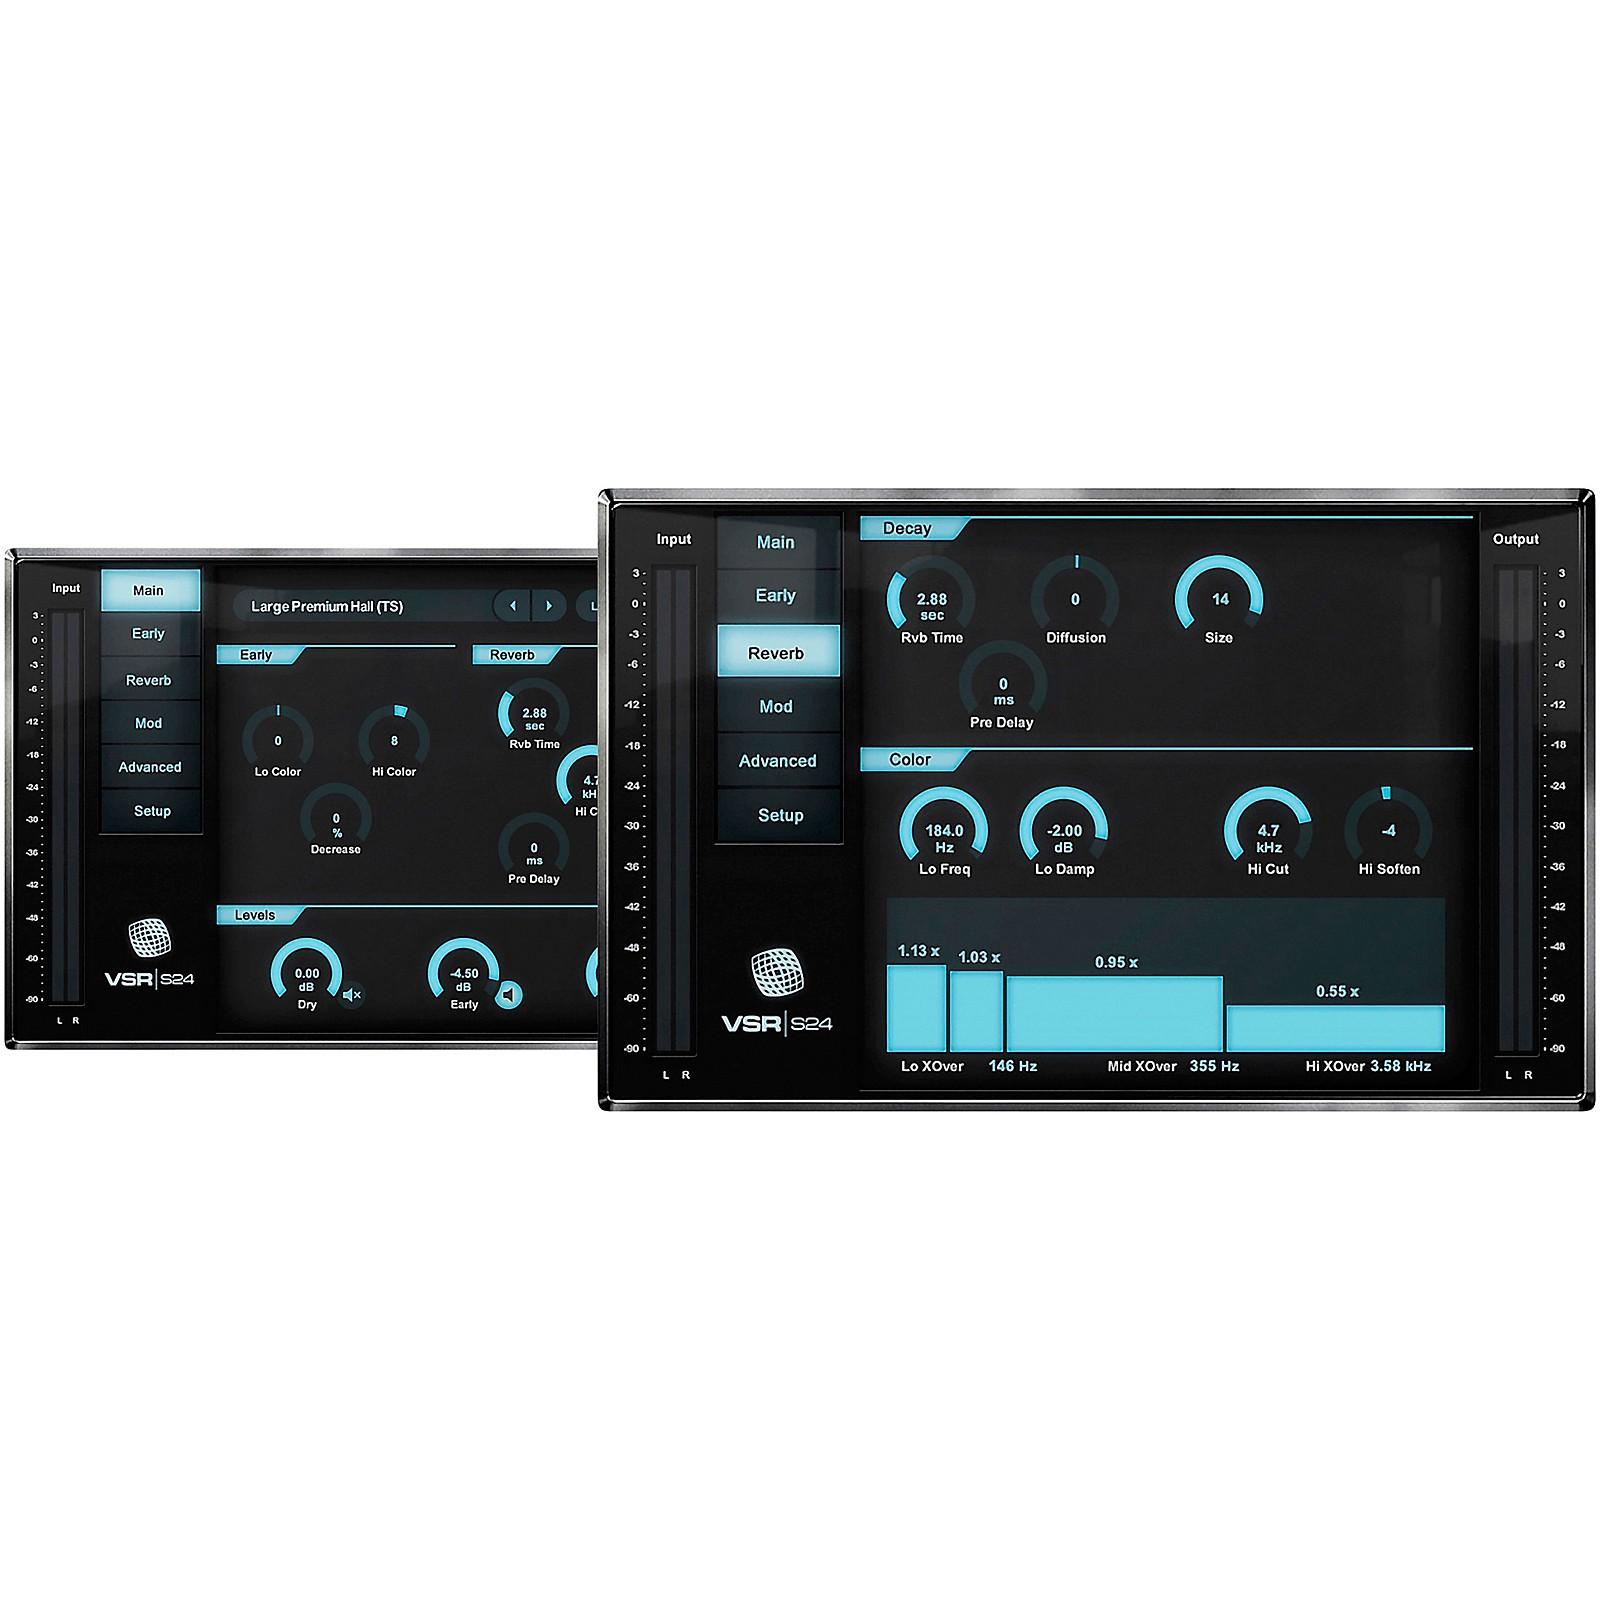 RELAB VSR S24 Reverb (Software Download)